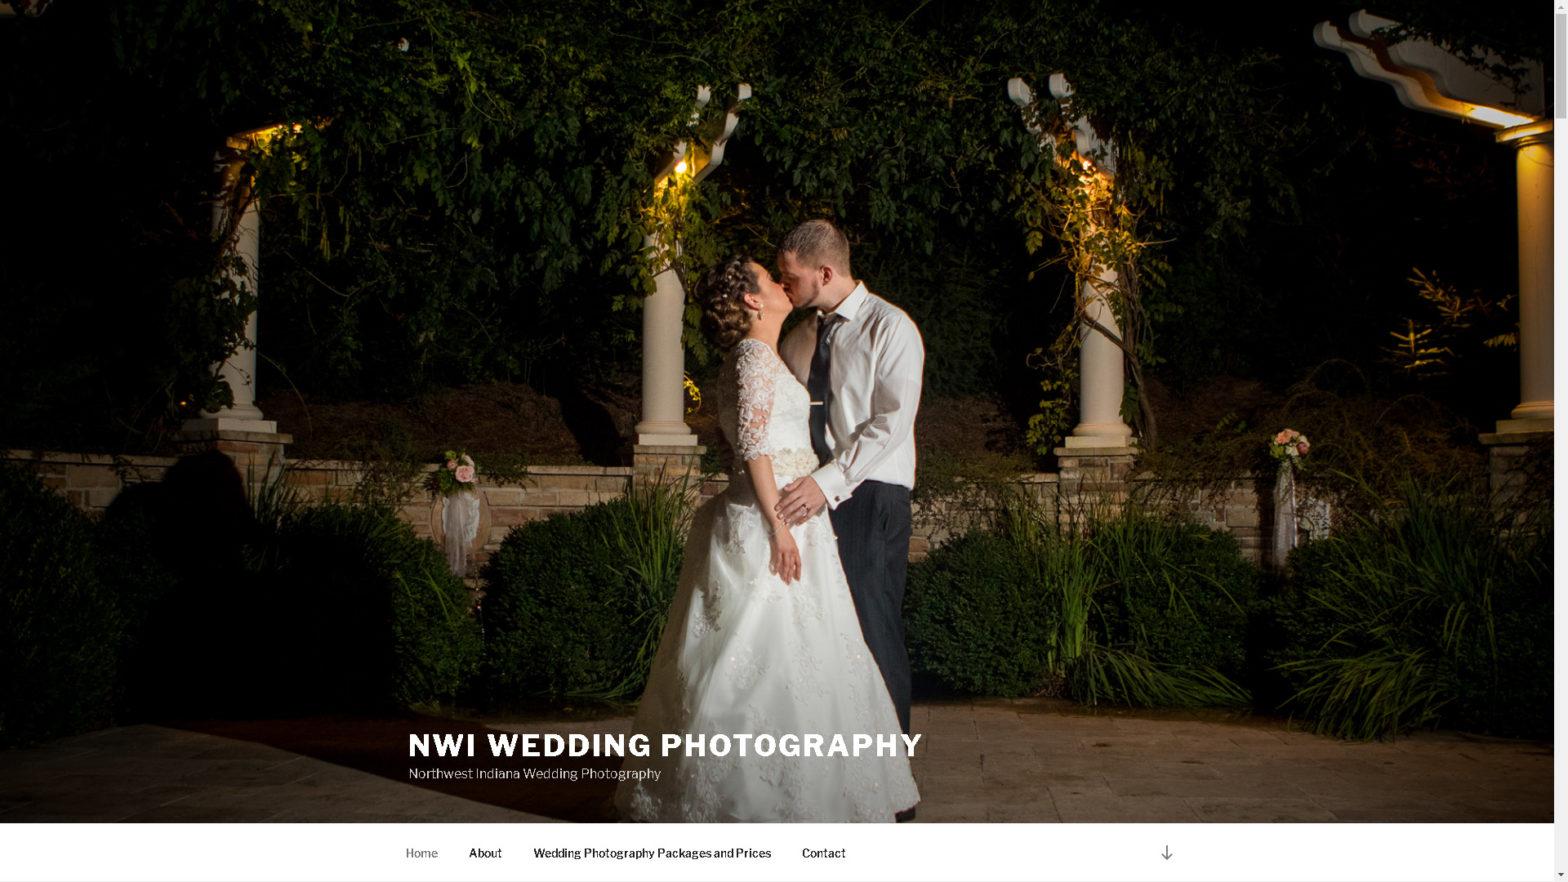 NWI Wedding Photography